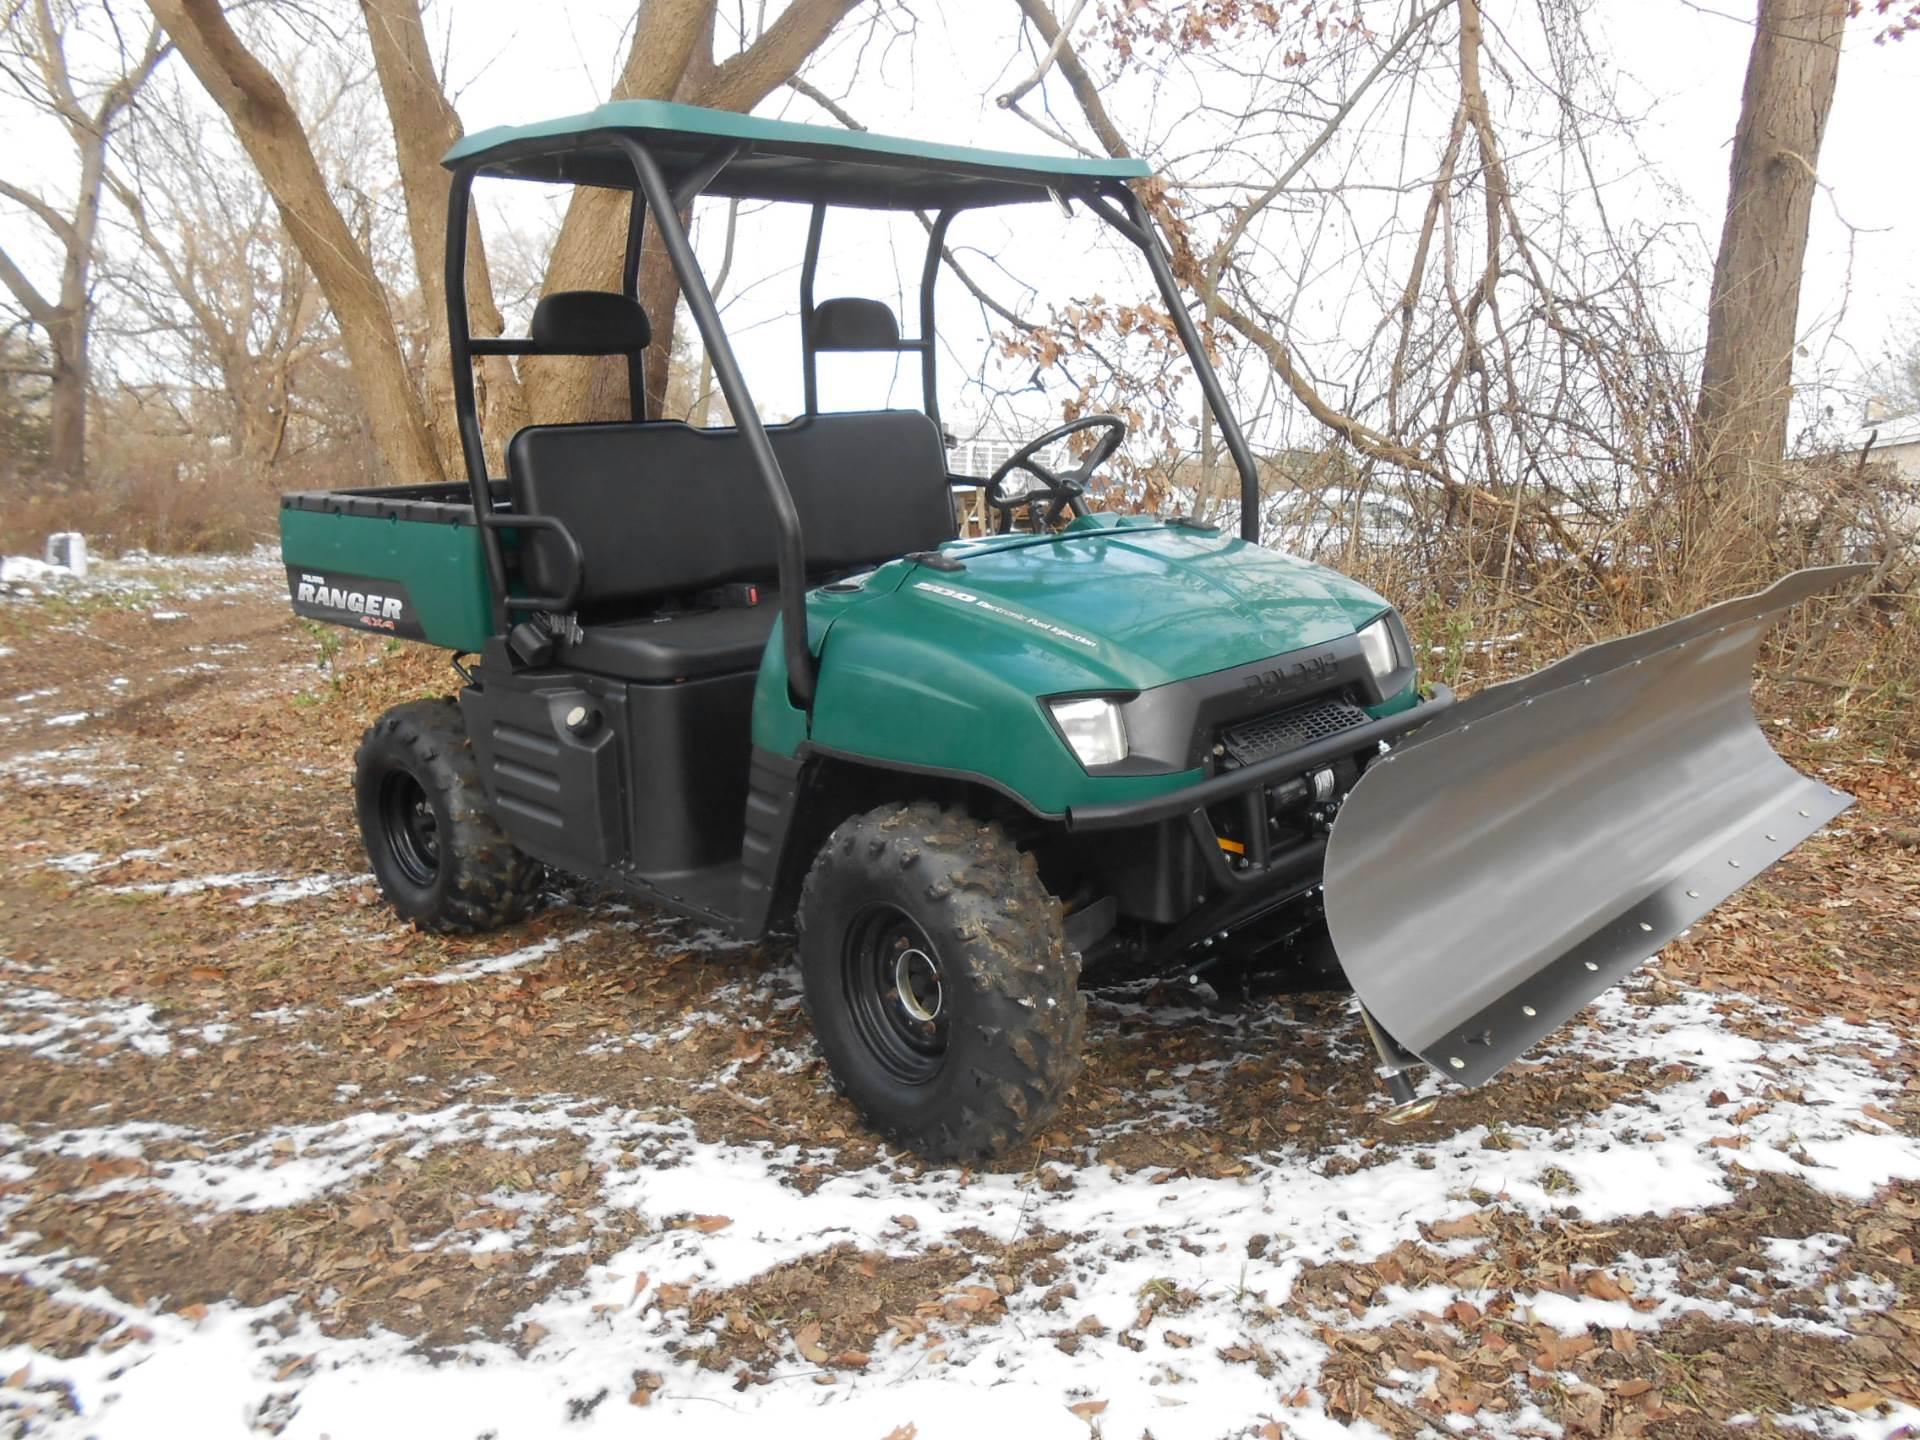 2008 Ranger 4x4 EFI